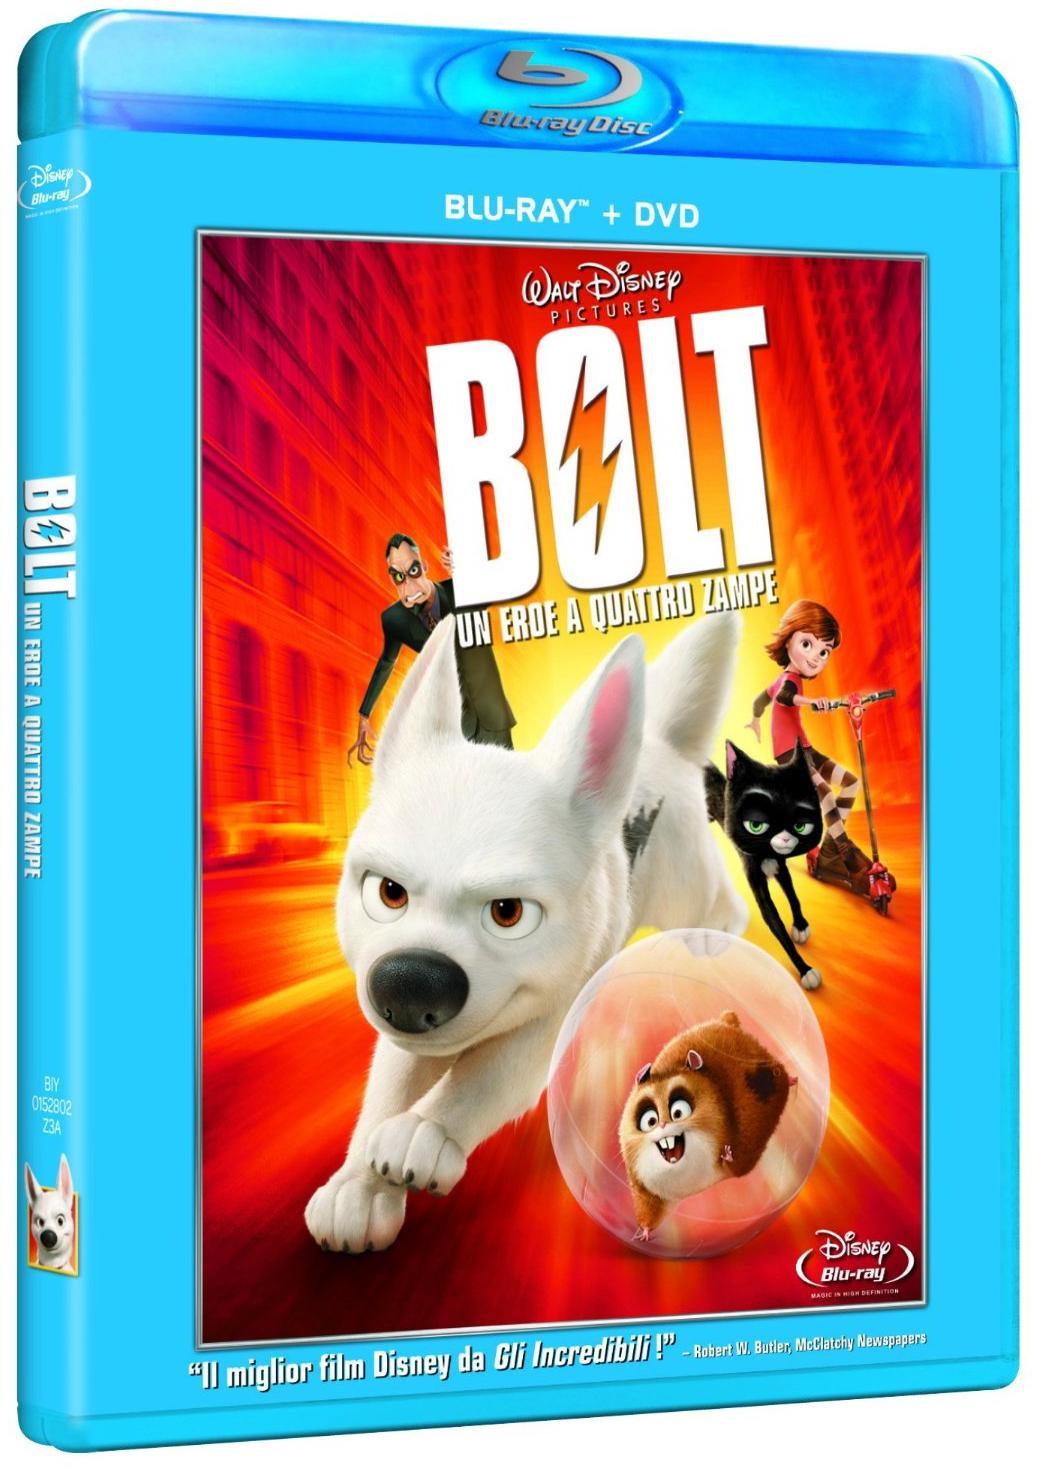 copertina di Bolt - Un eroe a quattro zampe